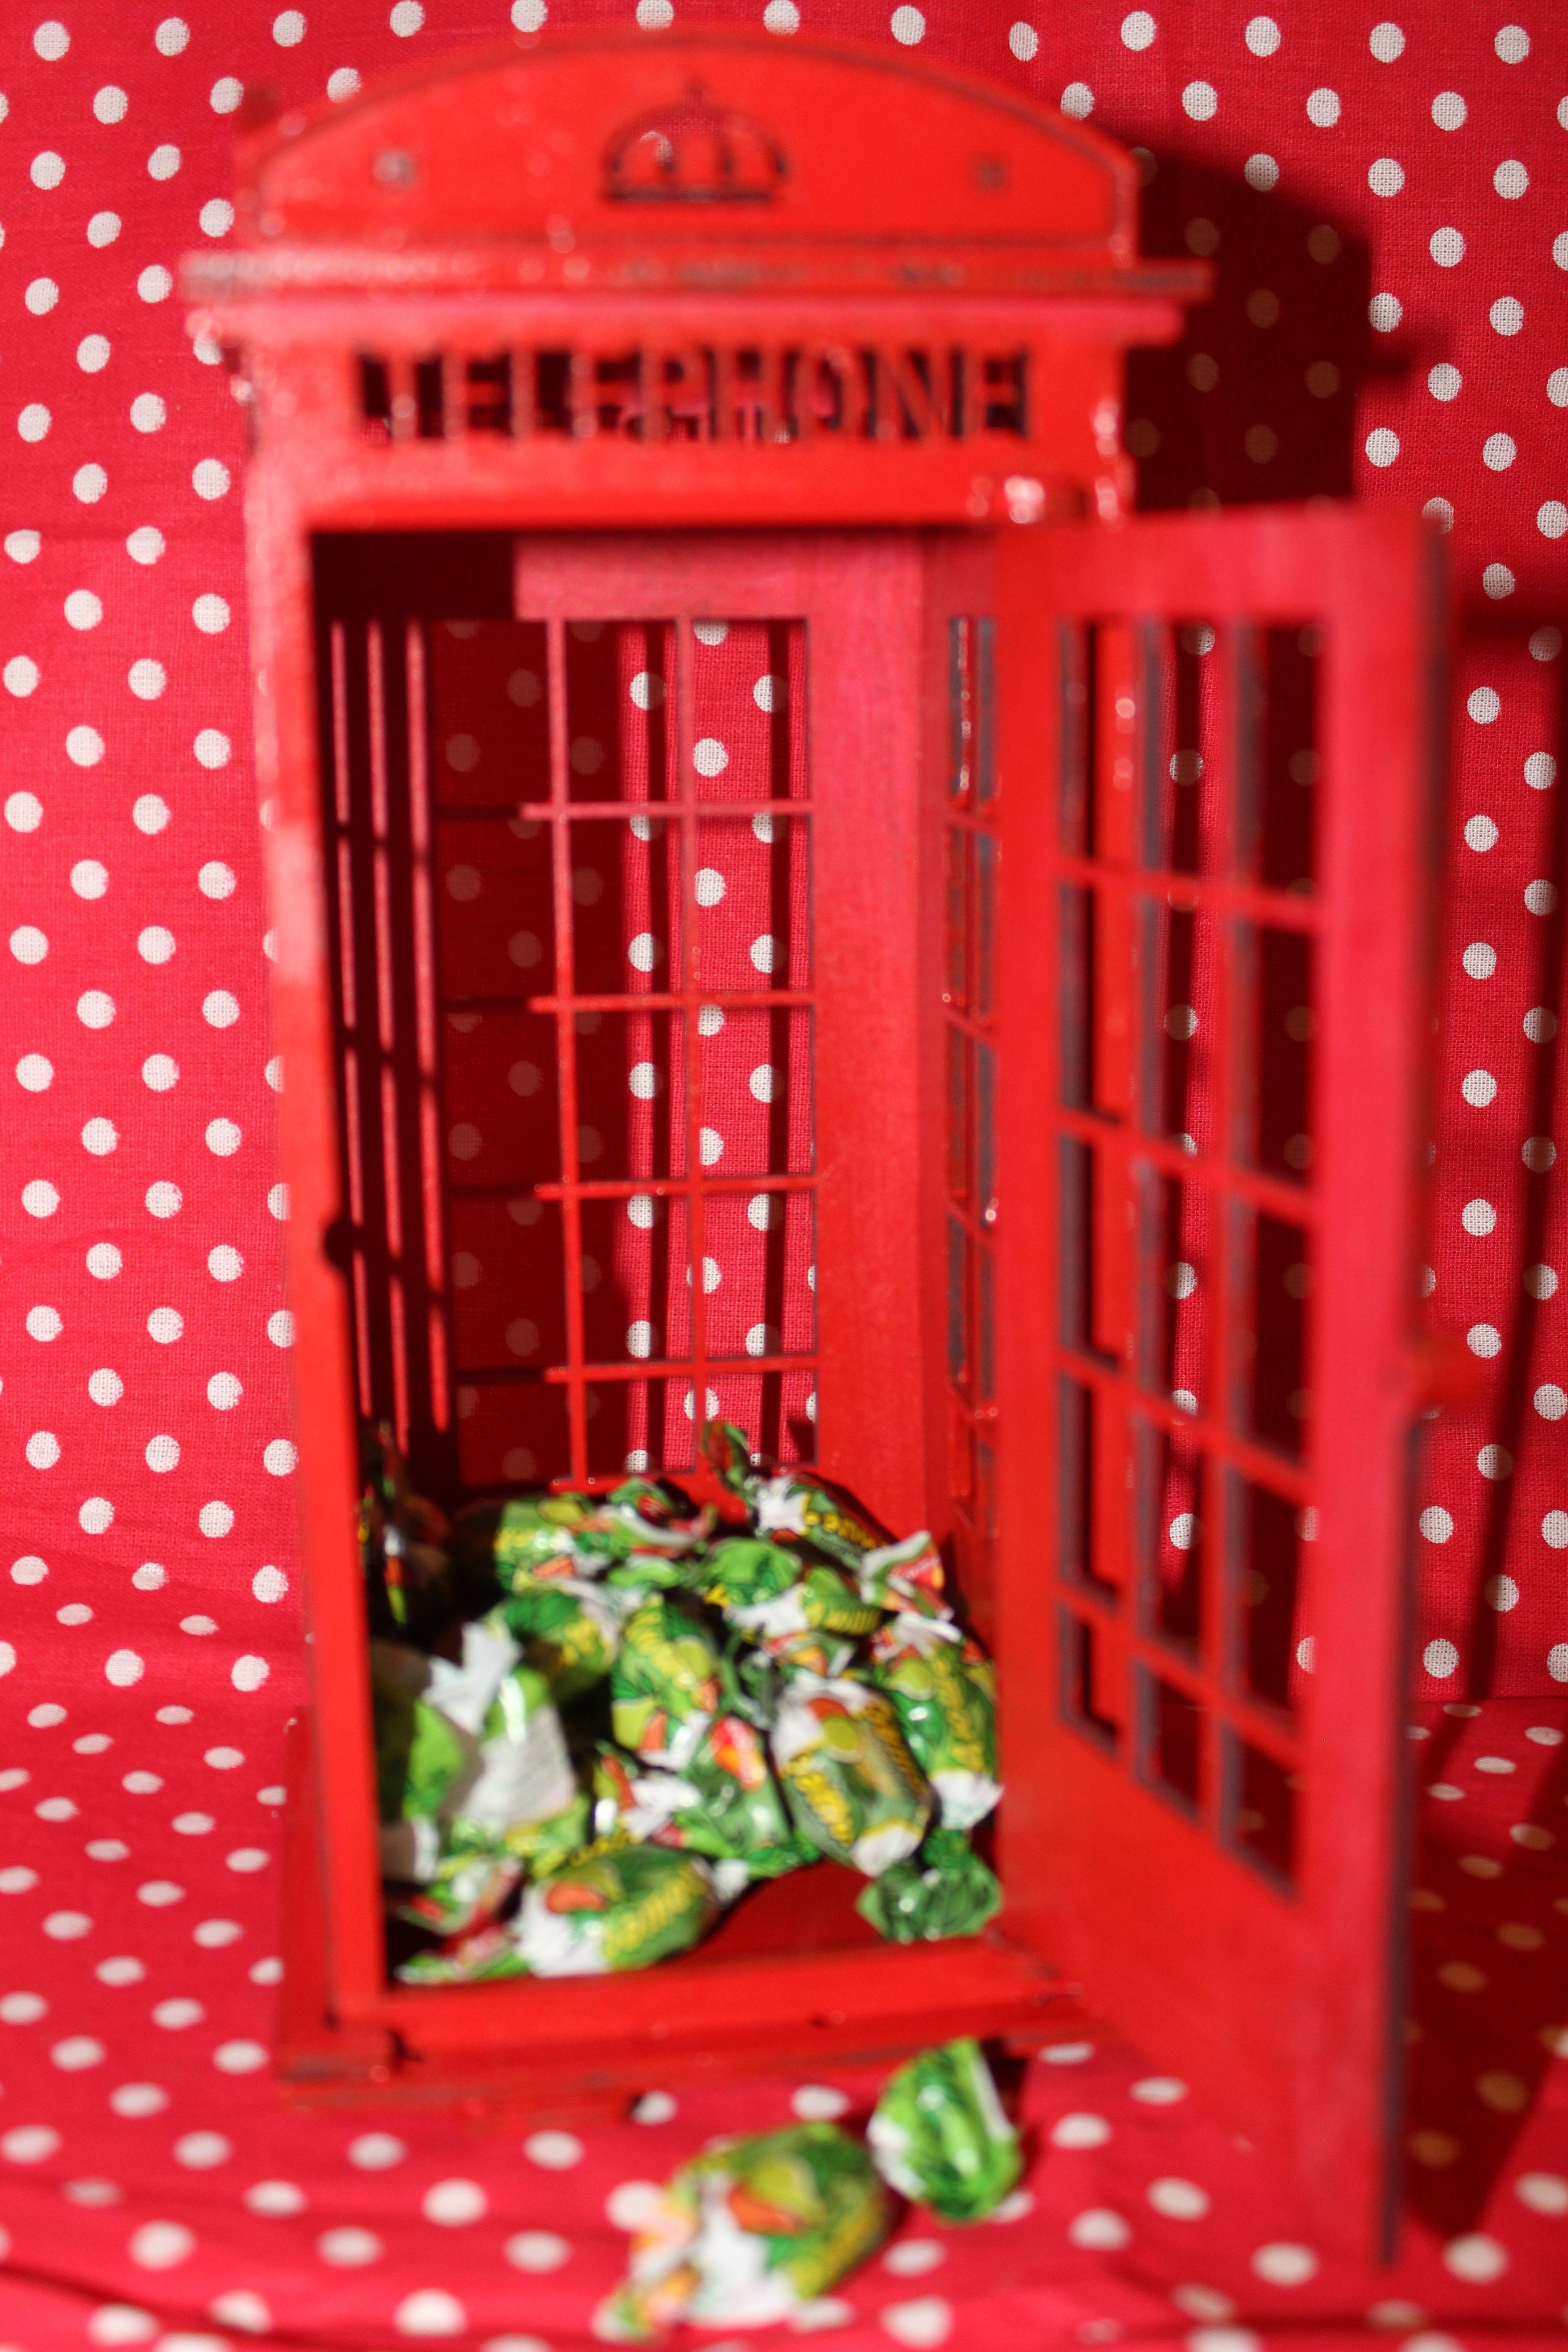 фанеры подарки английский недорогие телефонная будка стиль сувениры английская